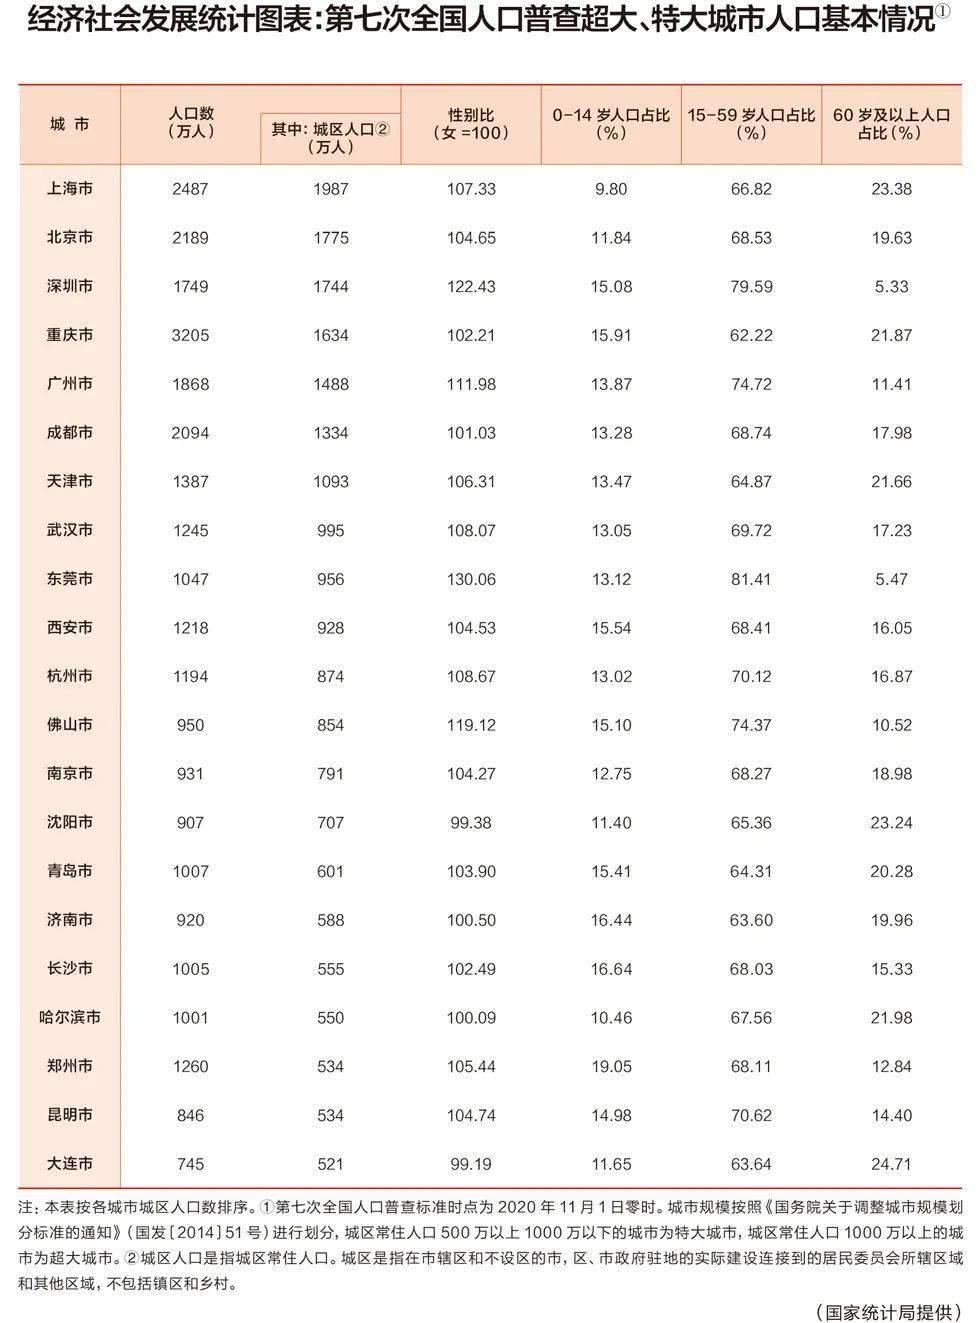 武汉市的人口_央媒光明网报道:上海位居超大城市第一,武汉城区人口全国第八